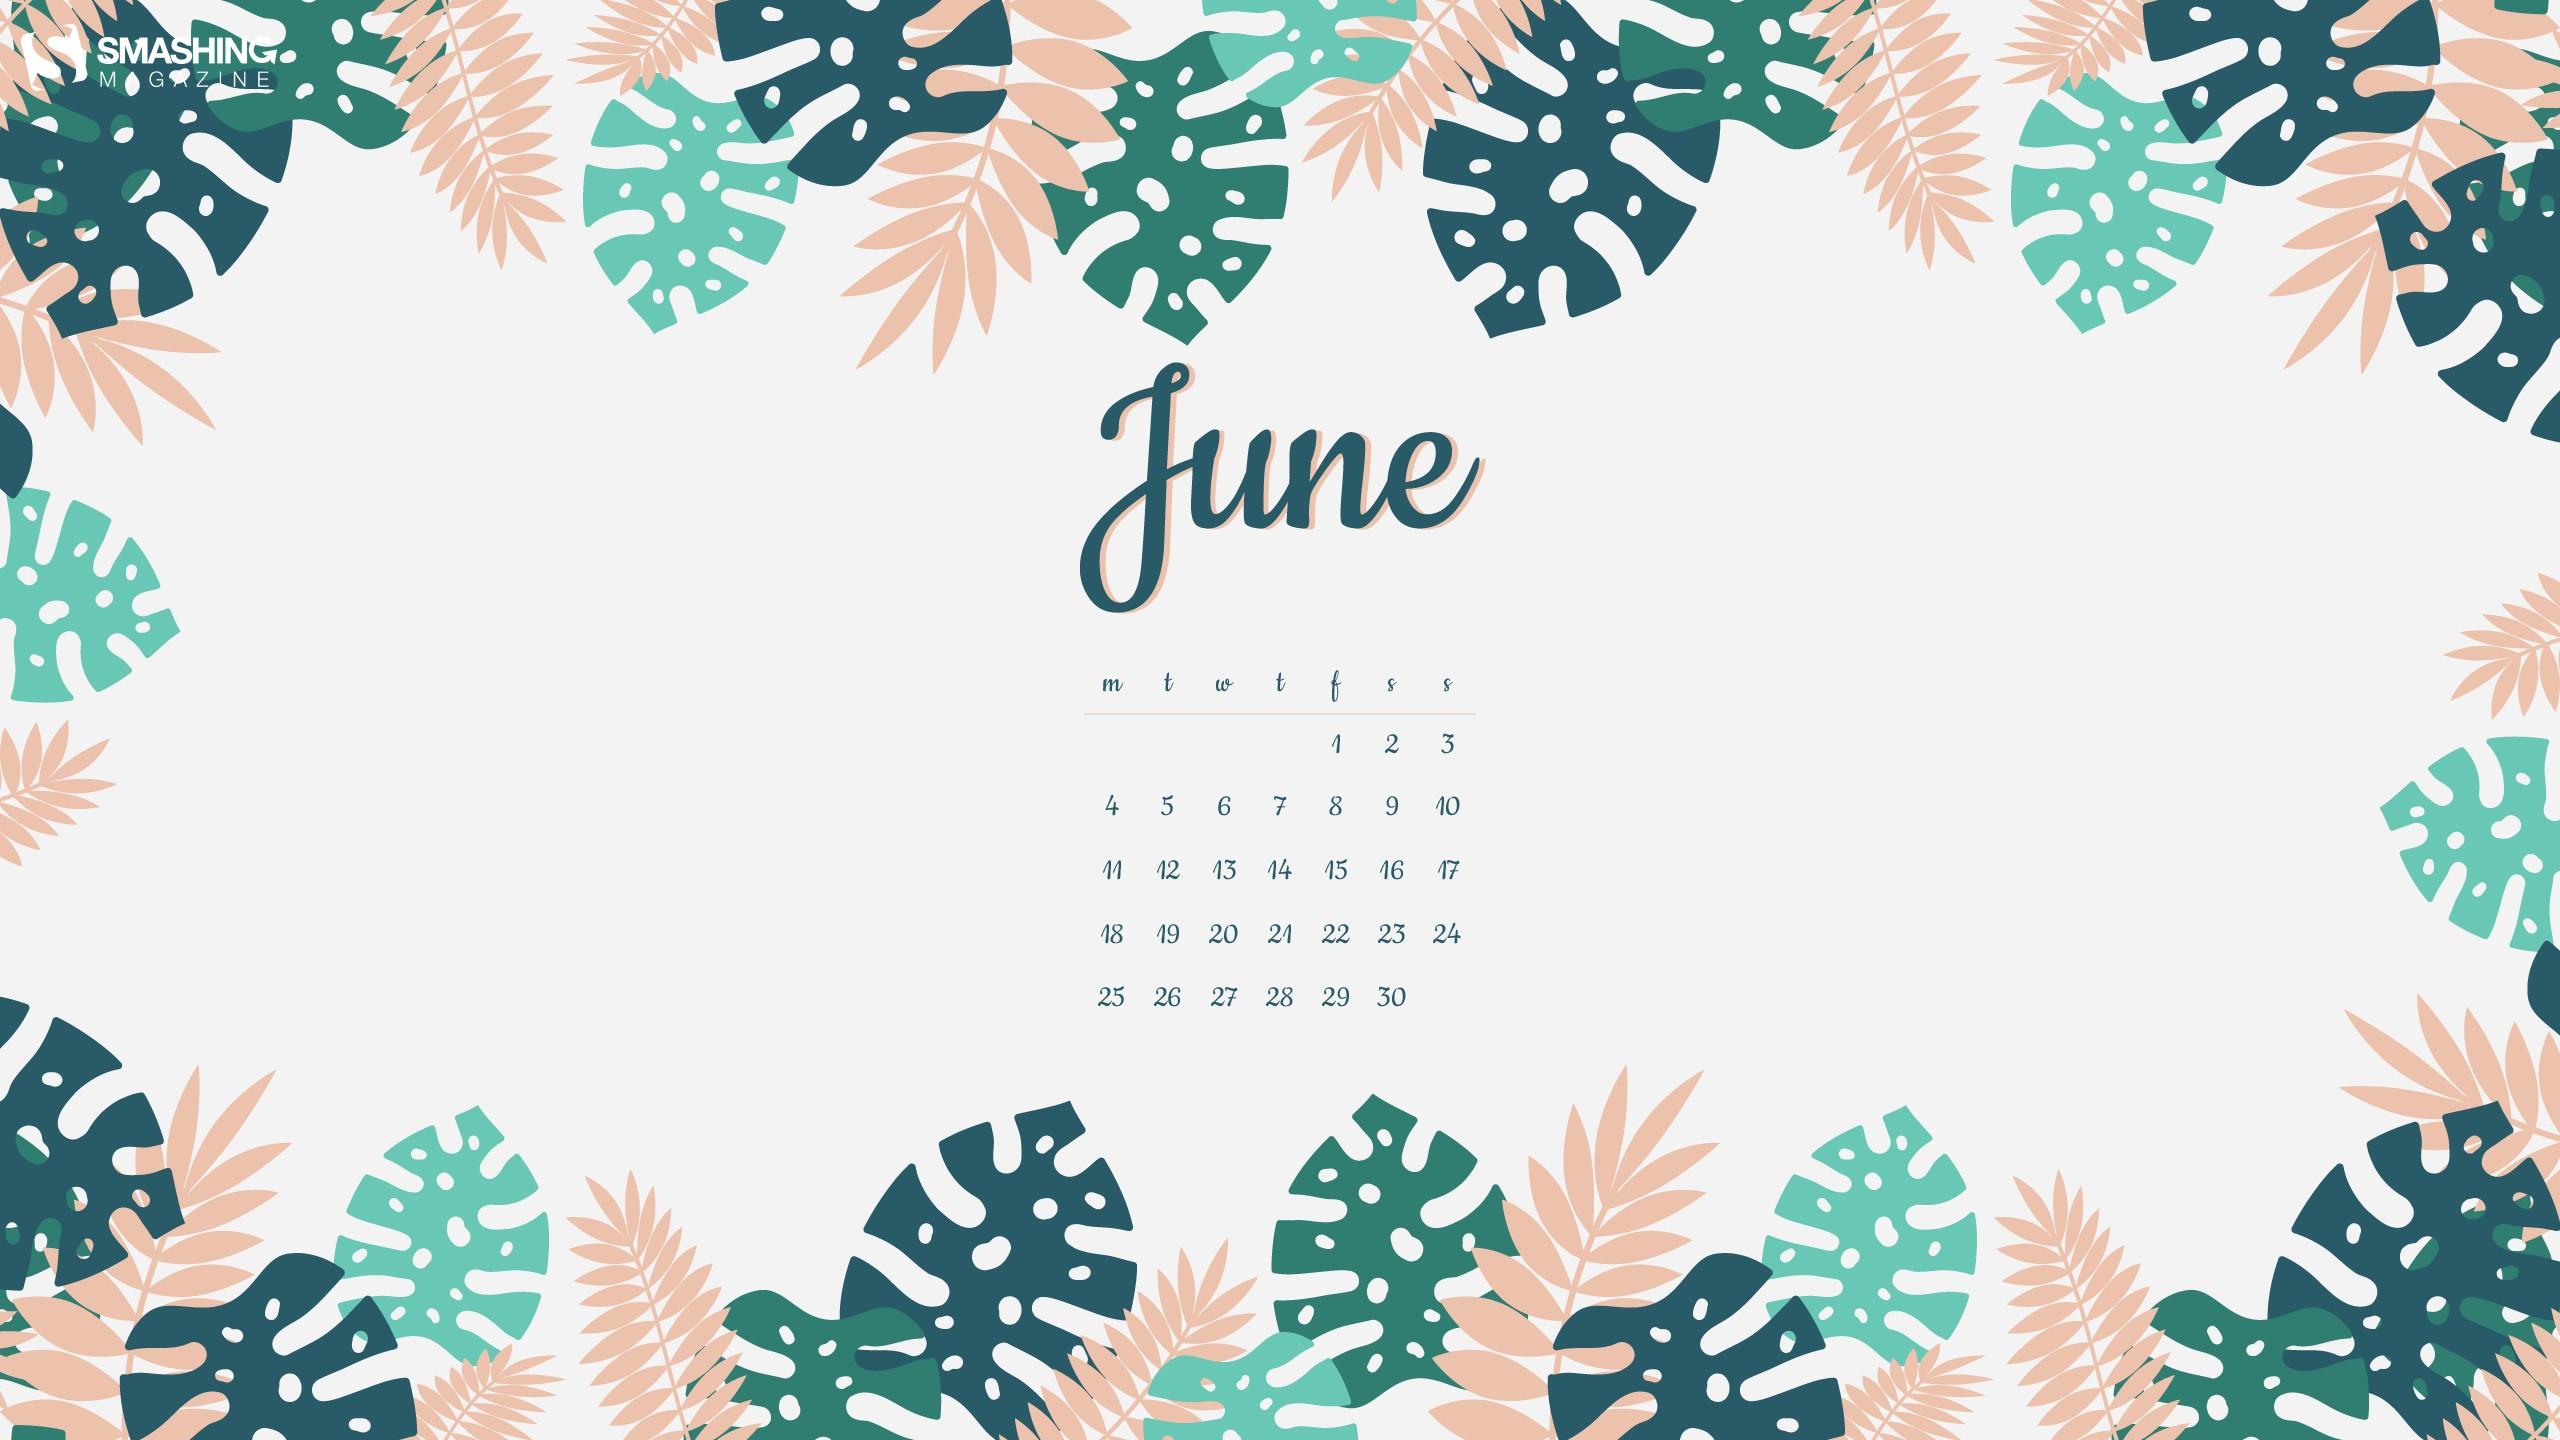 March 1 2019 Calendar Más Arriba-a-fecha Cheerful Desktop Wallpapers to Kick F June 2018 Edition Of March 1 2019 Calendar Mejores Y Más Novedosos Romantyczny Kwiatowy Kalendarz Marca 2019 Ptakiem — Zdjęcie Stockowe